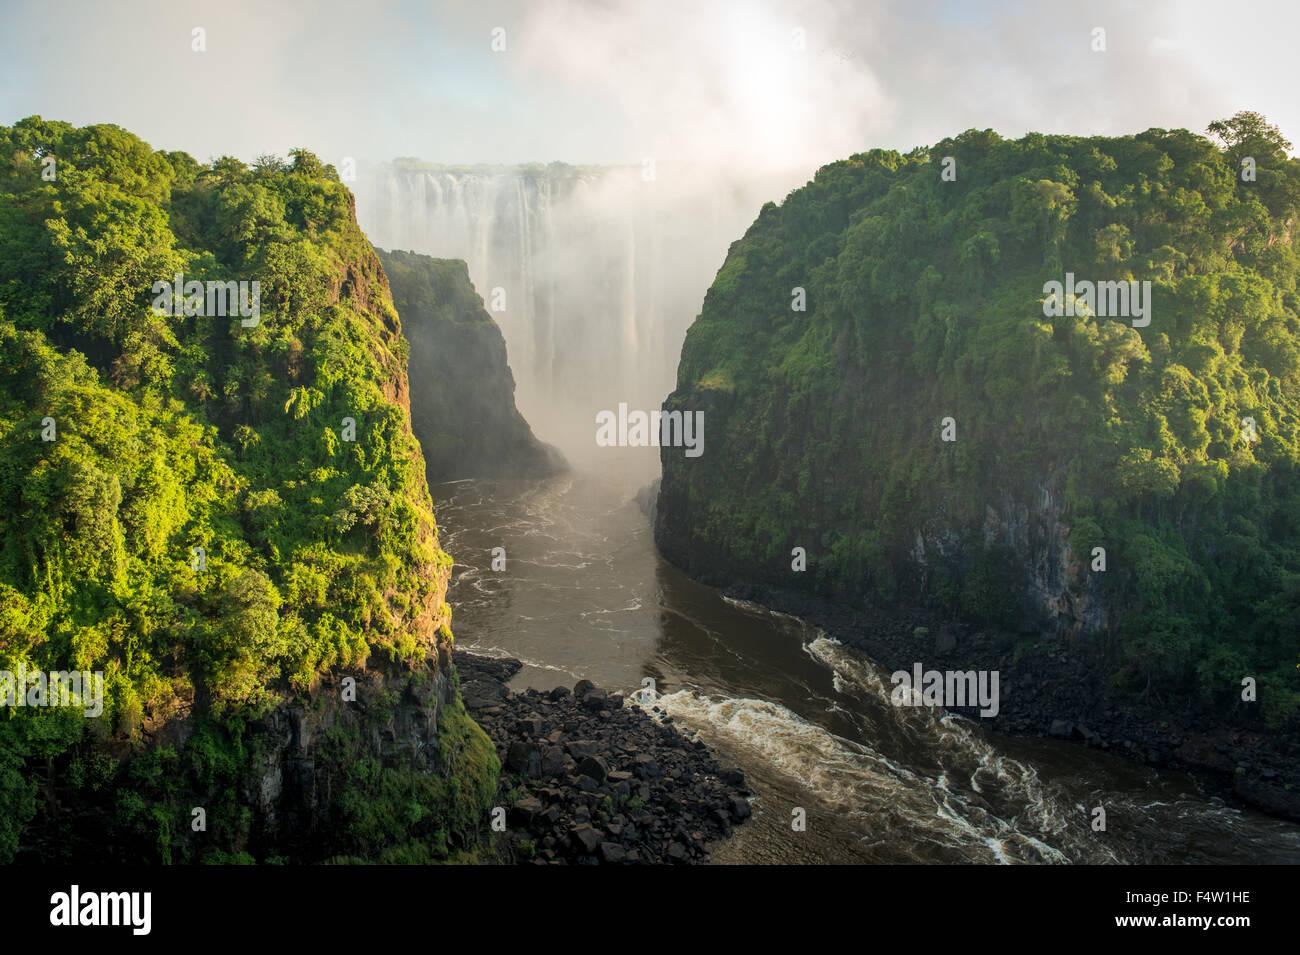 LIVINGSTONE, ZAMBIA - Victoria Falls Waterfall - Stock Image